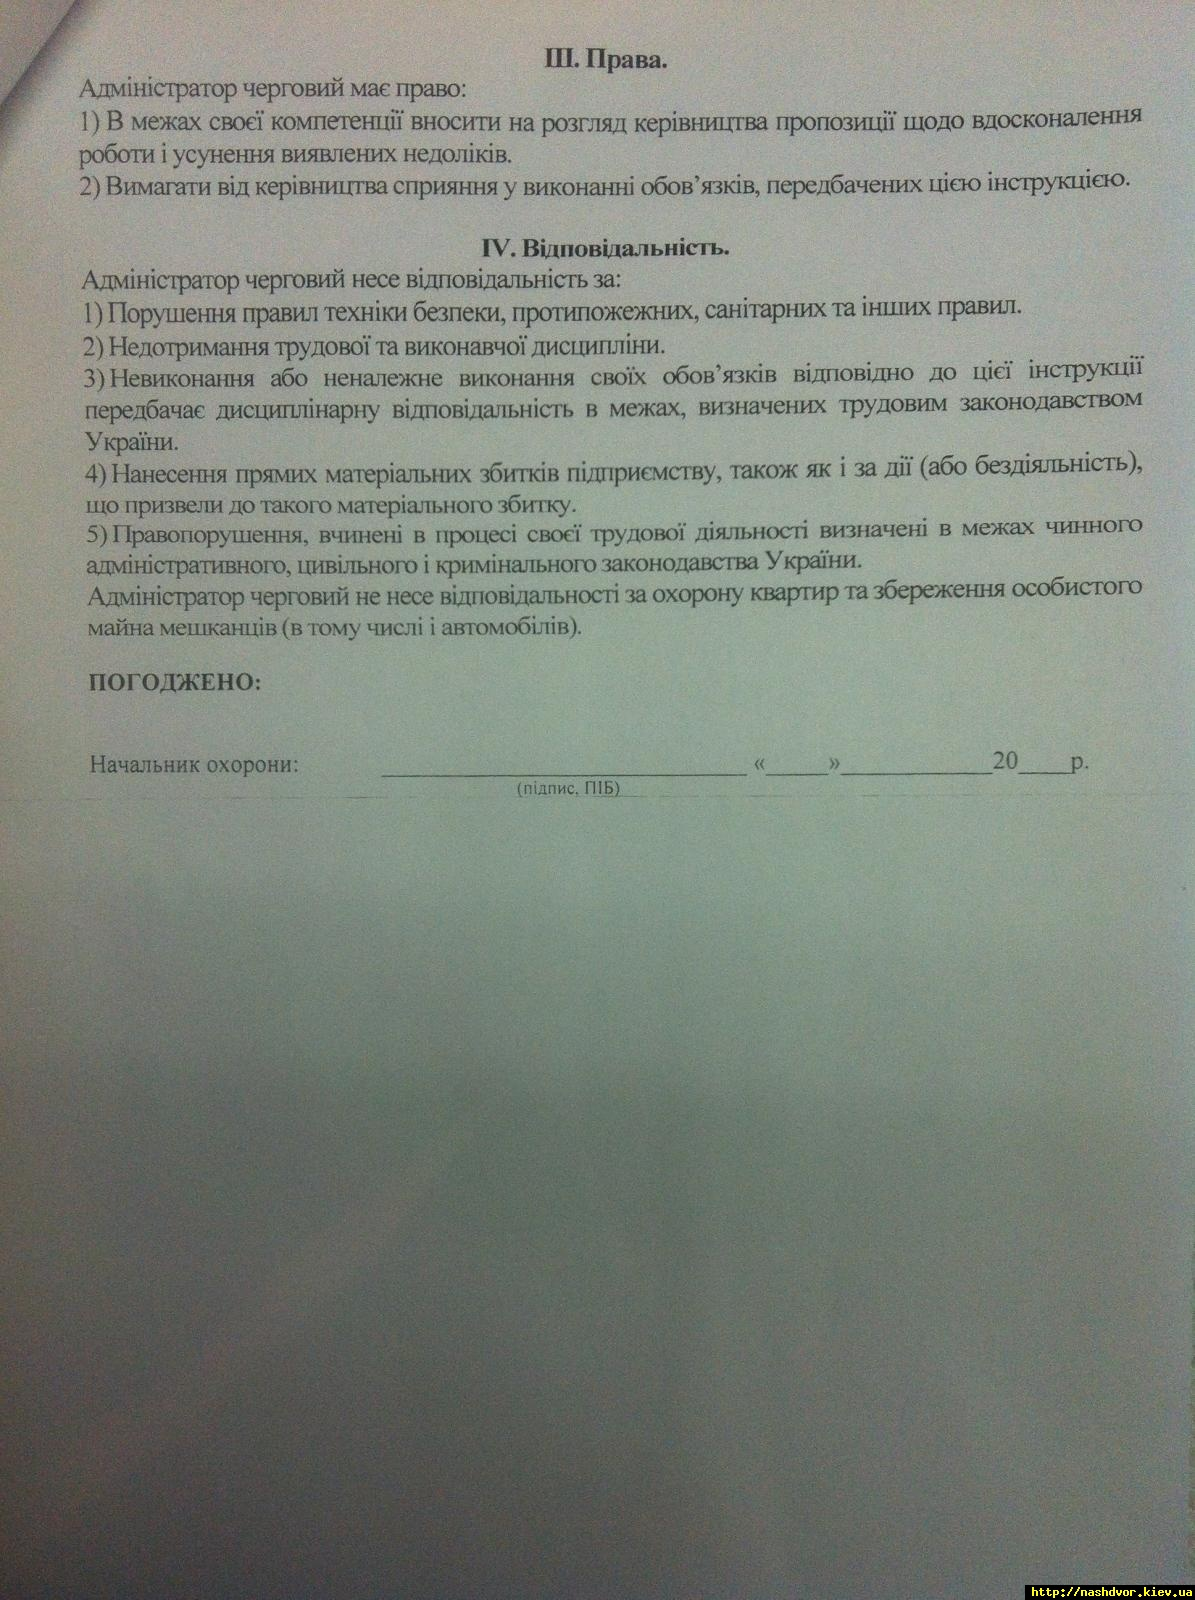 Должностная инструкция - 4.JPG